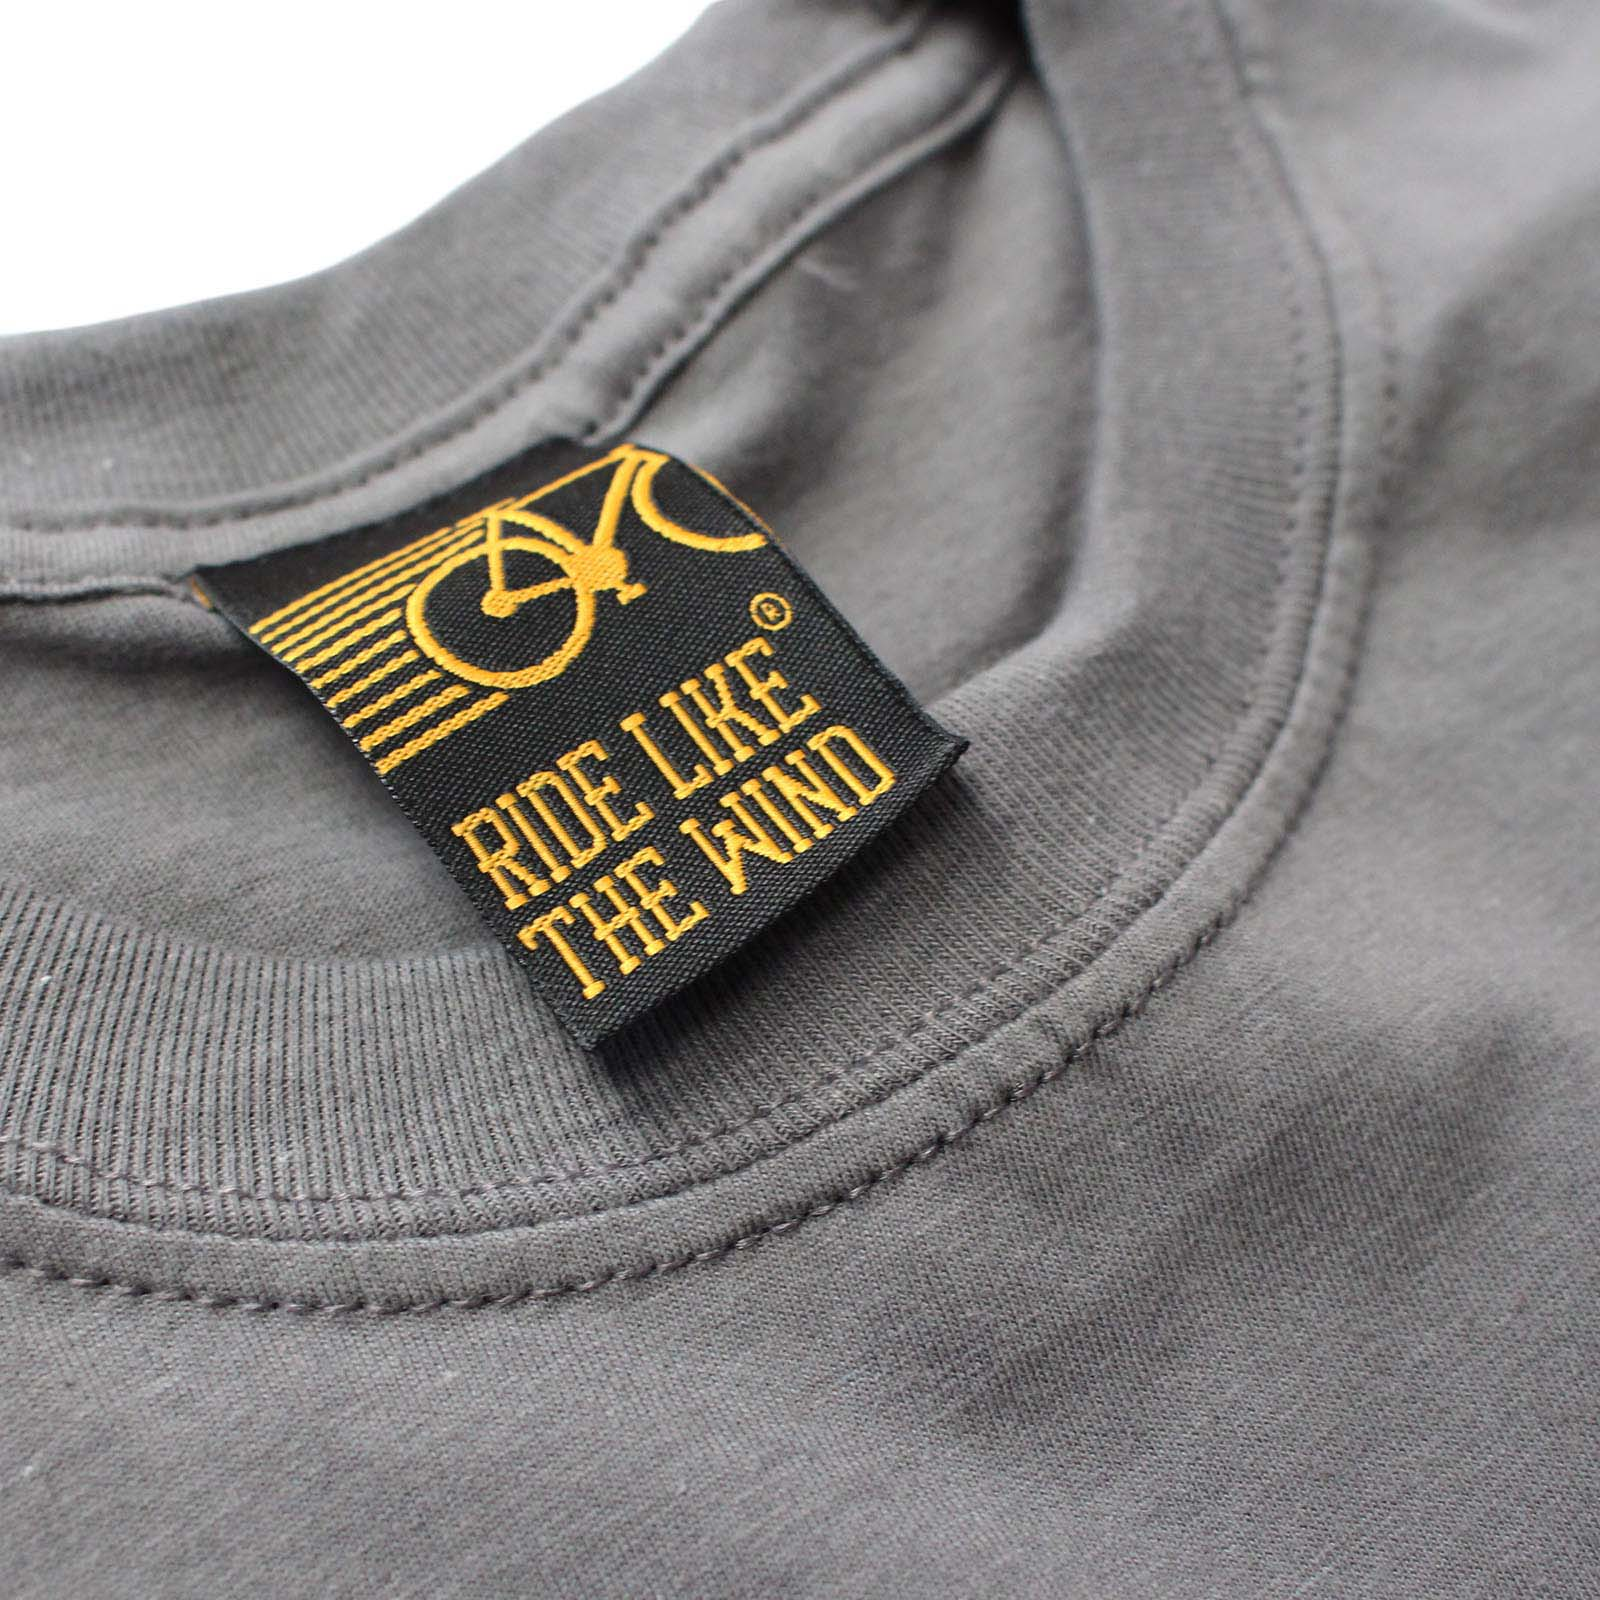 Cycling-T-Shirt-Funny-Novelty-Mens-tee-TShirt-Bikesexual thumbnail 7